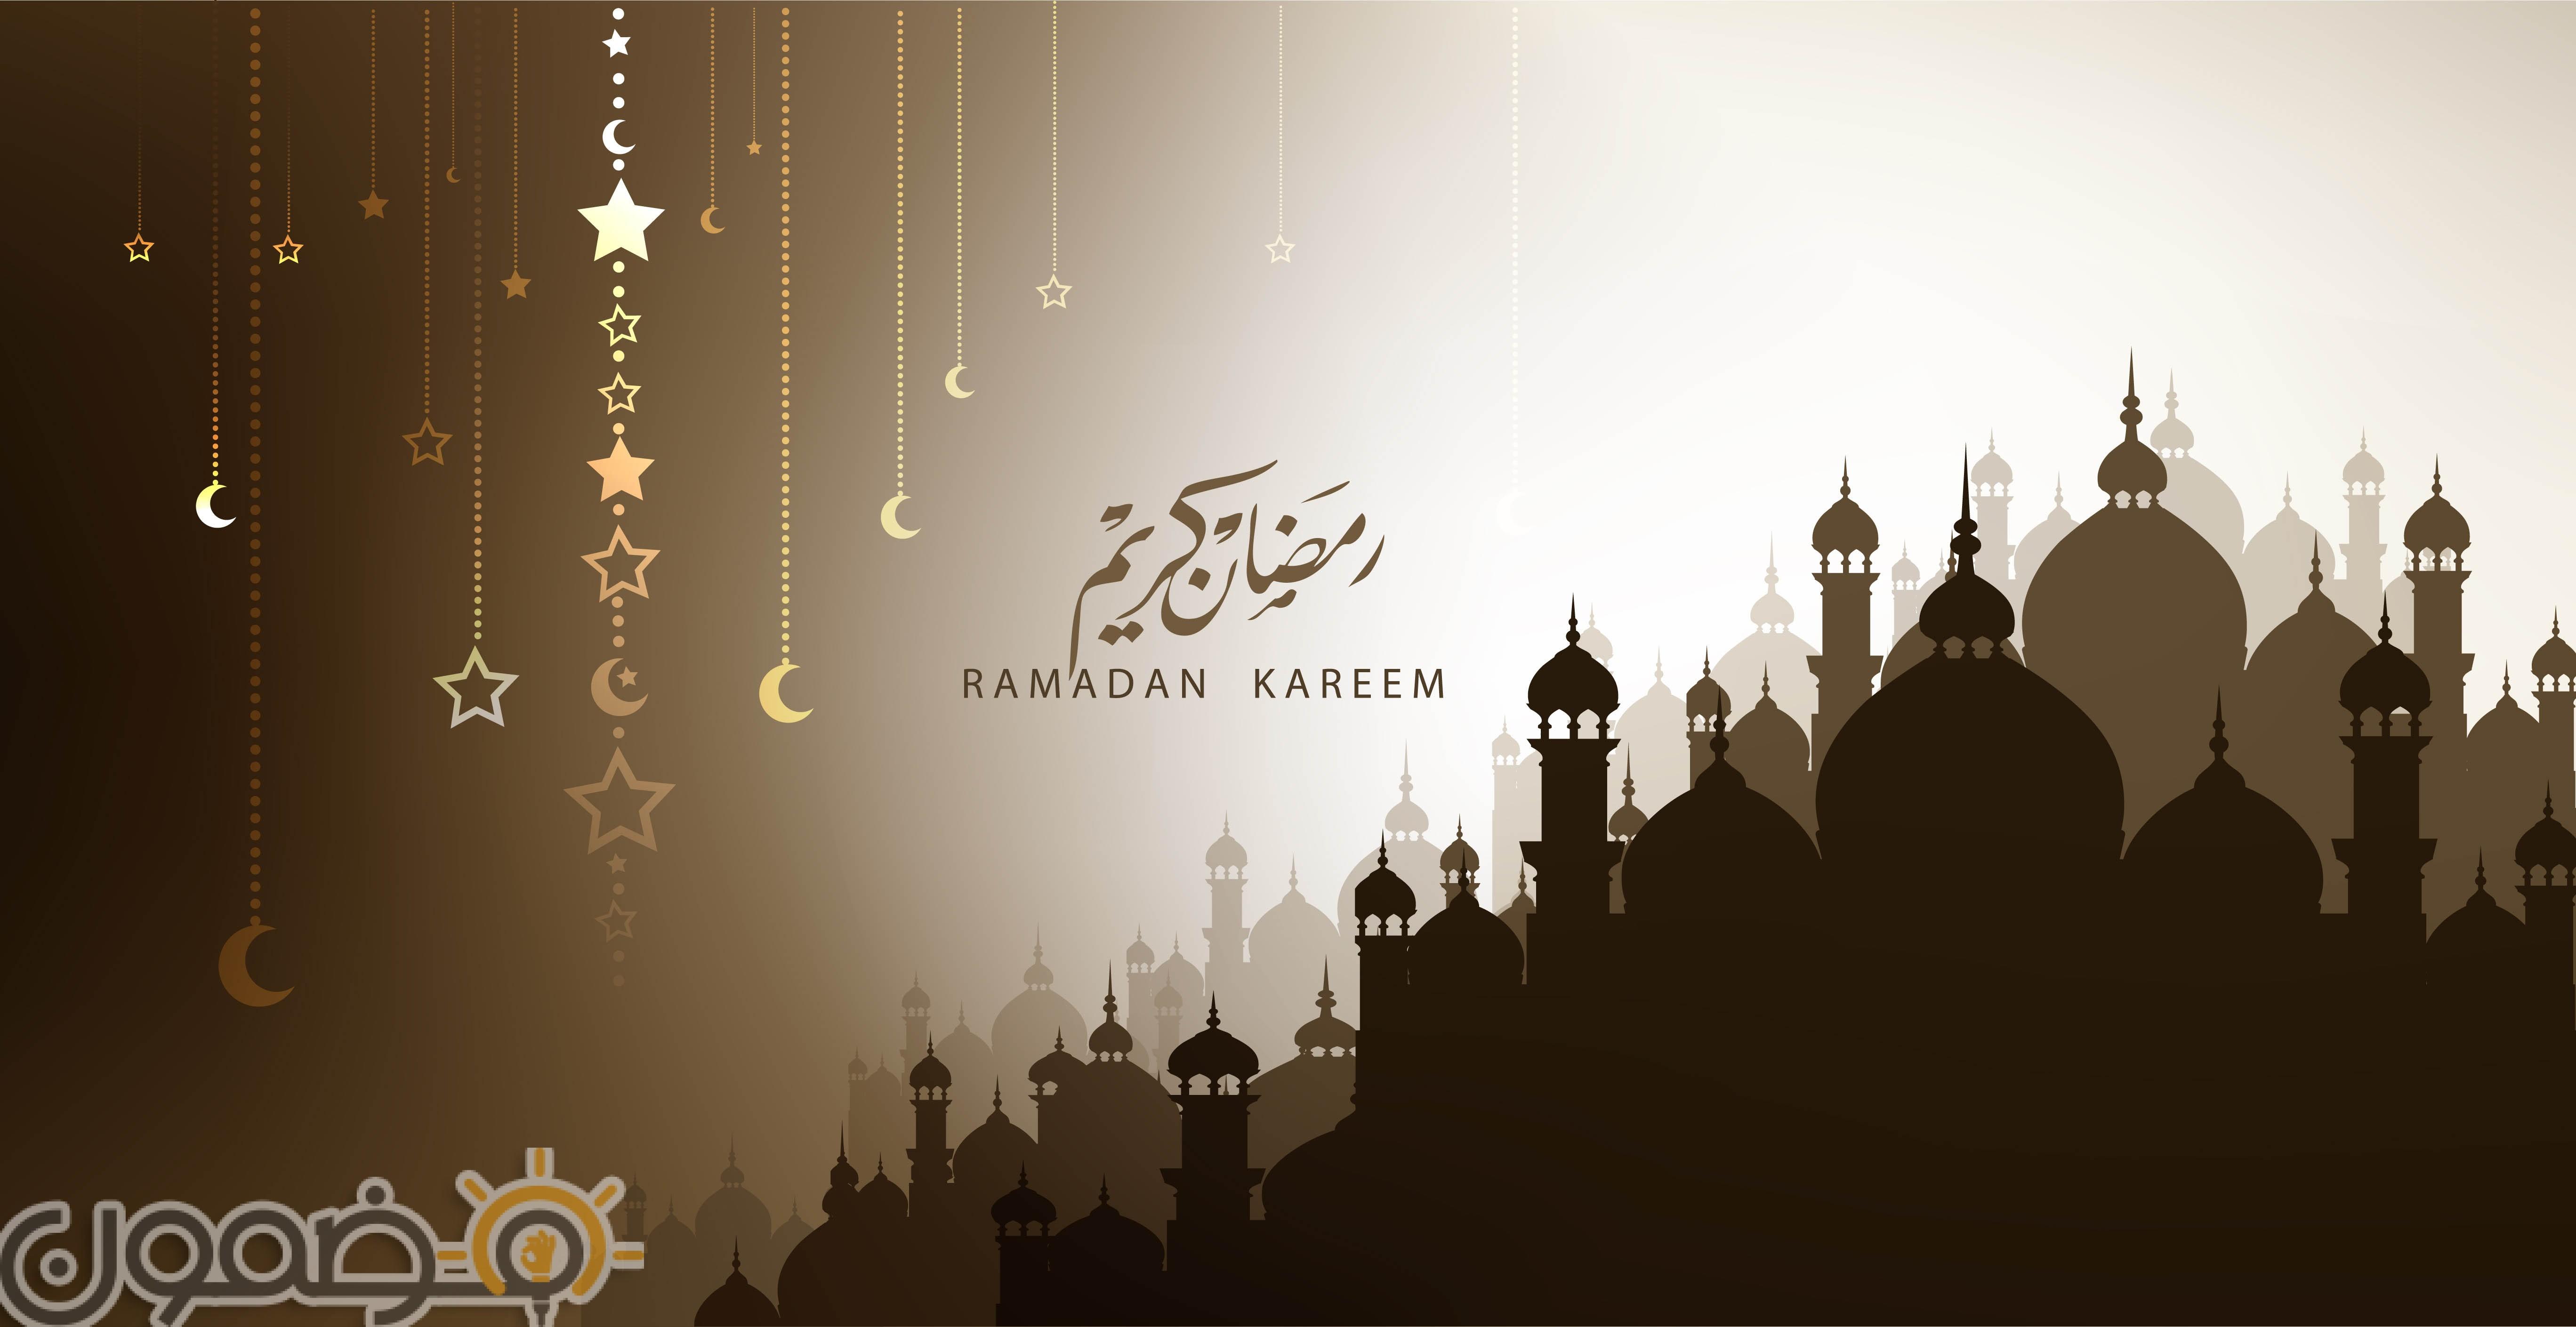 خلفيات رمضان بنات 12 خلفيات رمضان بنات للفيس وتويتر